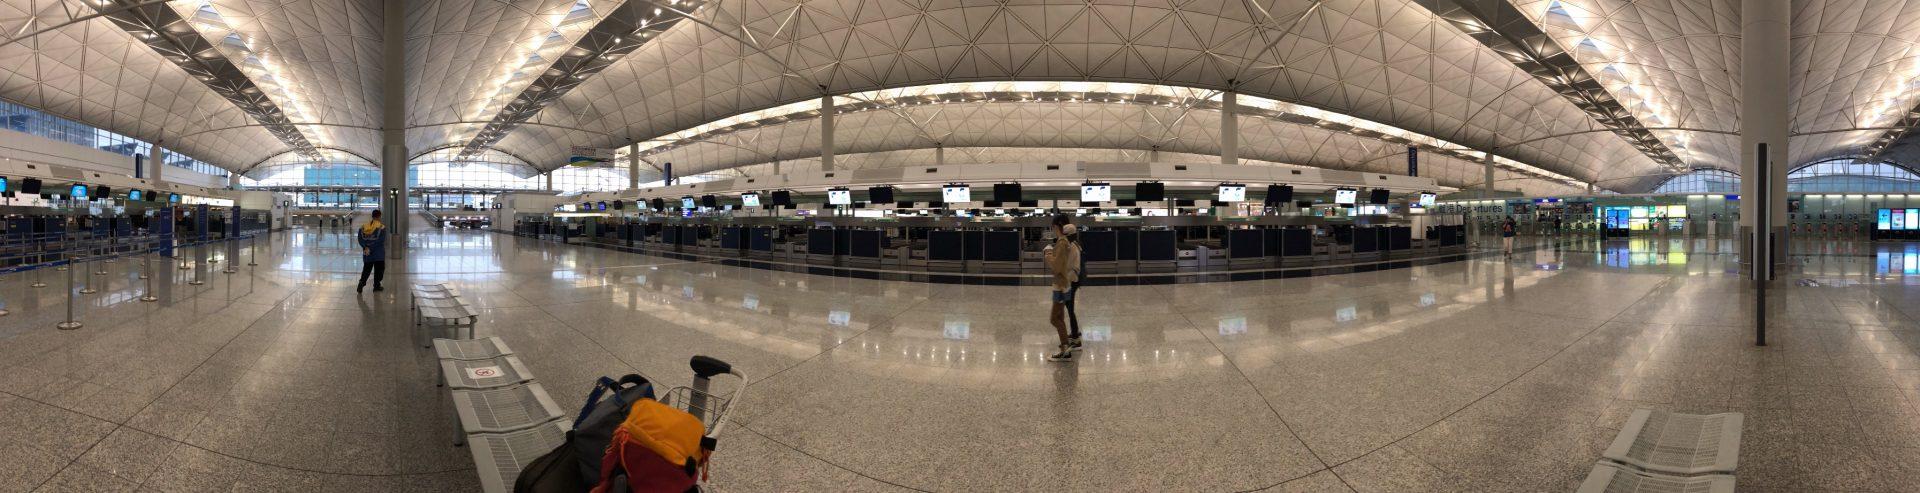 香港國際機場內周圍都空無一人,以往的凌晨兩三點機場都比現在多人,令人感覺到無限唏噓。